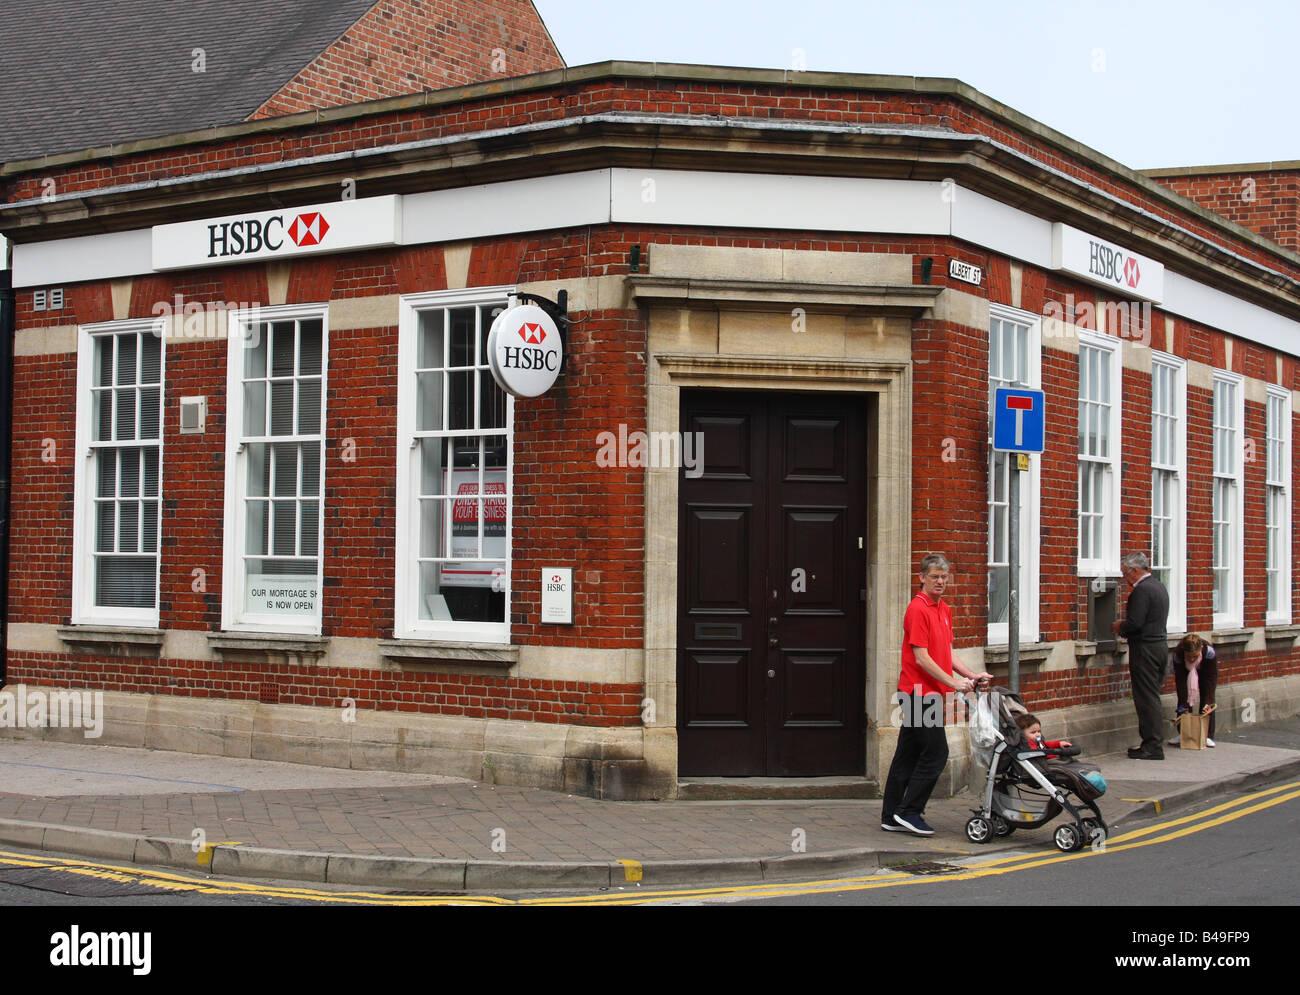 HSBC Bank, Eastwood, Nottinghamshire, England, U.K. - Stock Image